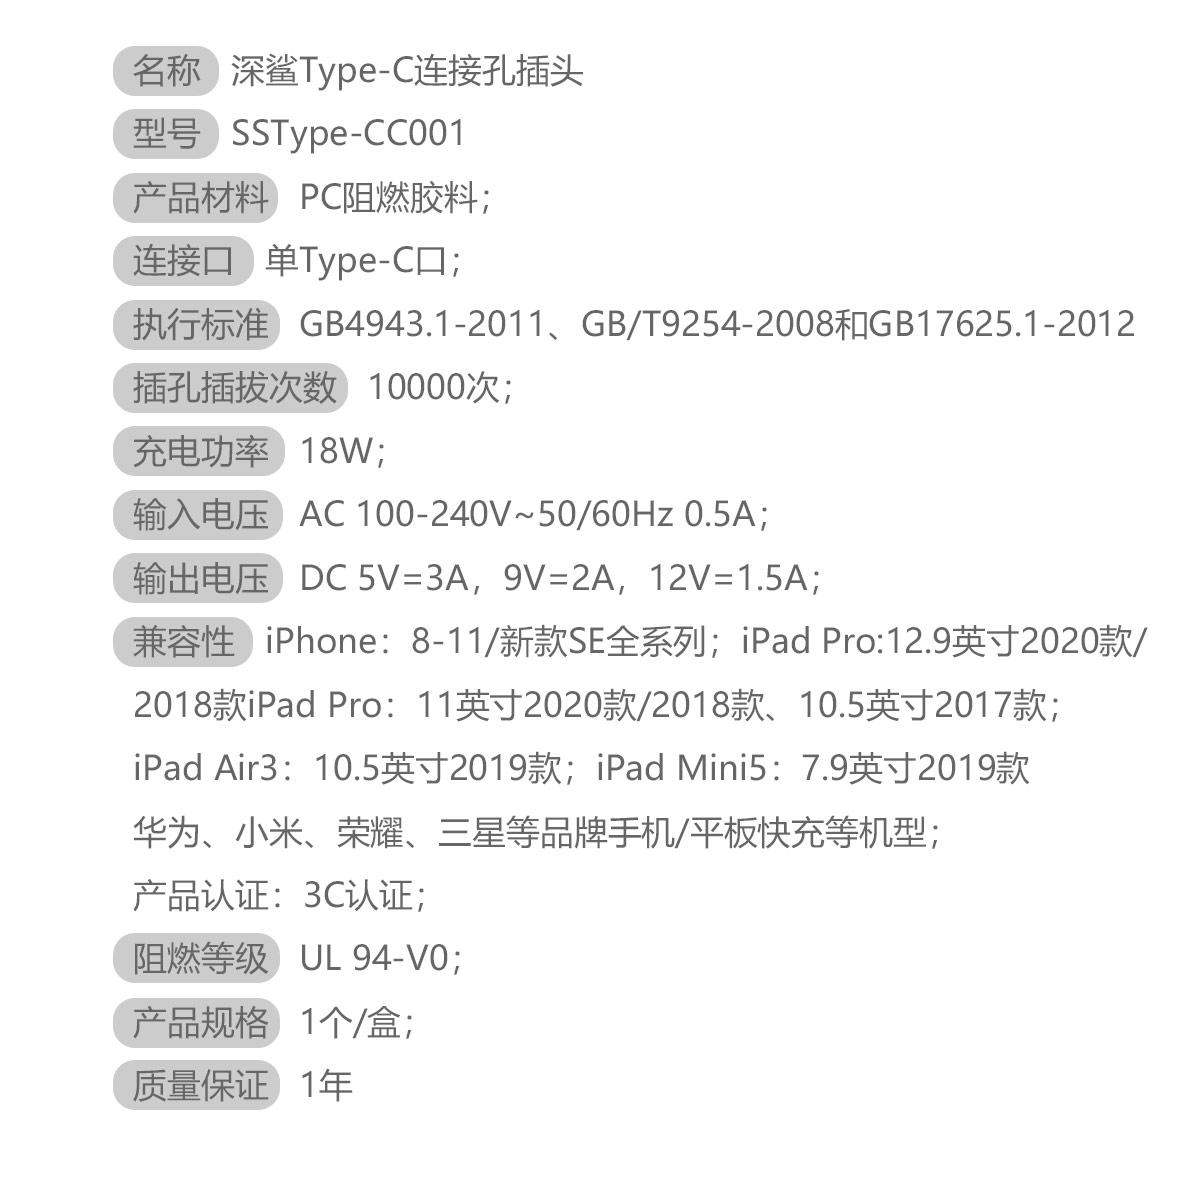 名称 深鲨Type-C连接孔插头 型号 SSType-CC001 产品材料 PC阻燃胶料 连接口 单Type-C口 执行标准 GB4943.1-2011、GB/T9254-2008、GB17625.1-2012 插孔插拔次数 10000次 充电功率 18W 输入电压 AC 100~240V 50/60Hz 0.5A 输出电压 DC 5V=3A,9V=2A,12V=1.5A 兼容性 iPhone全系列、iPad全系列、Mac、华为、小米、荣耀、三星等品牌手机、平板快充机型 产品认证 3C认证 阻燃等级 UL 94-V0 产品规格 1个/盒 质量保证 1年